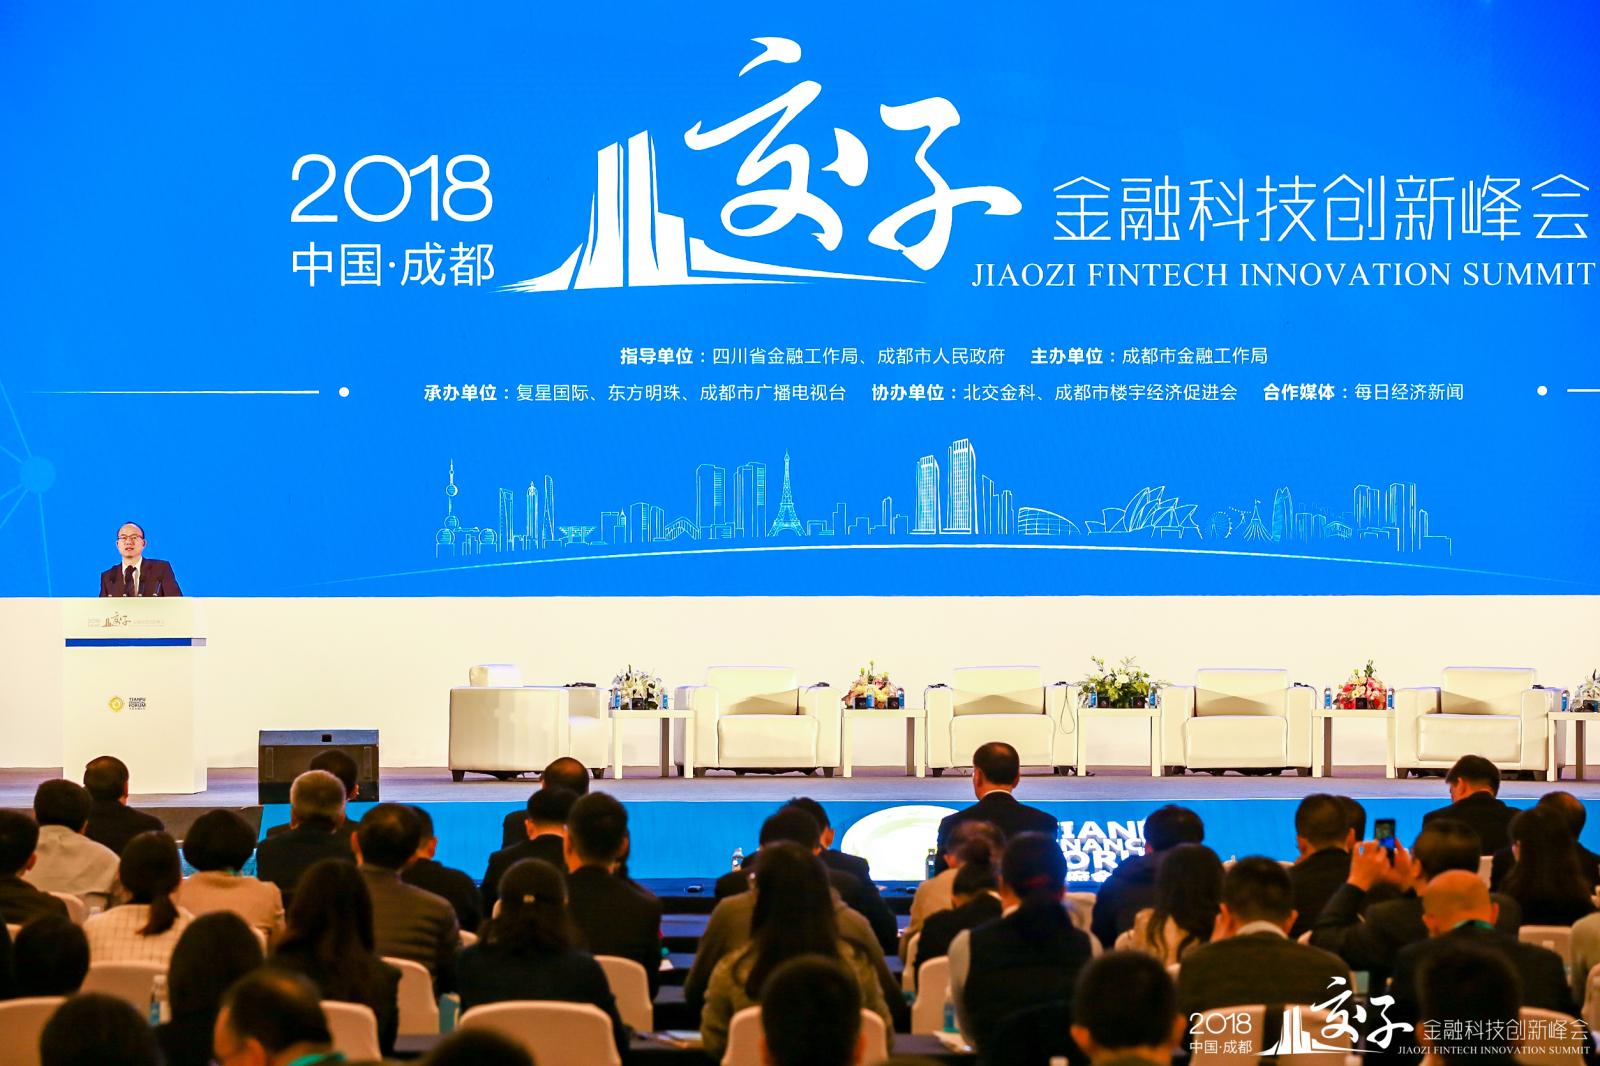 2018中国·成都交子金融科技创新峰会成功举行